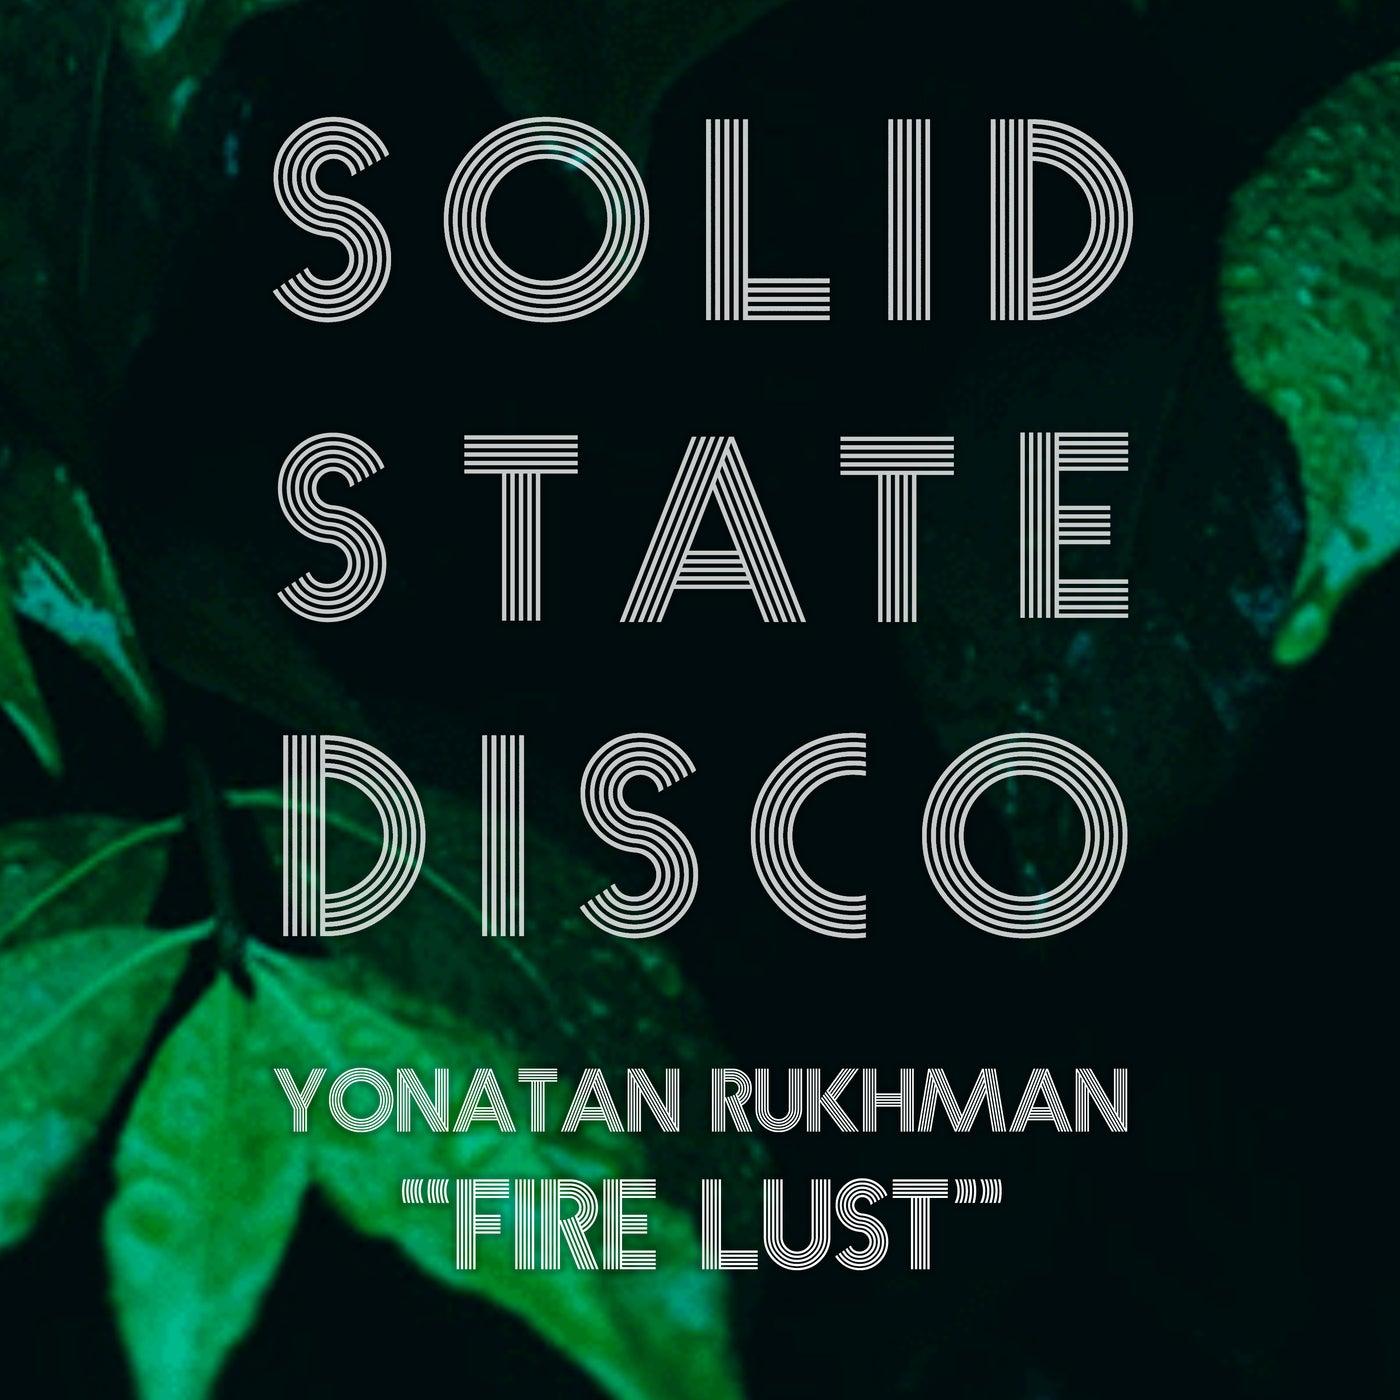 Yonatan Rukhman Fire Lust